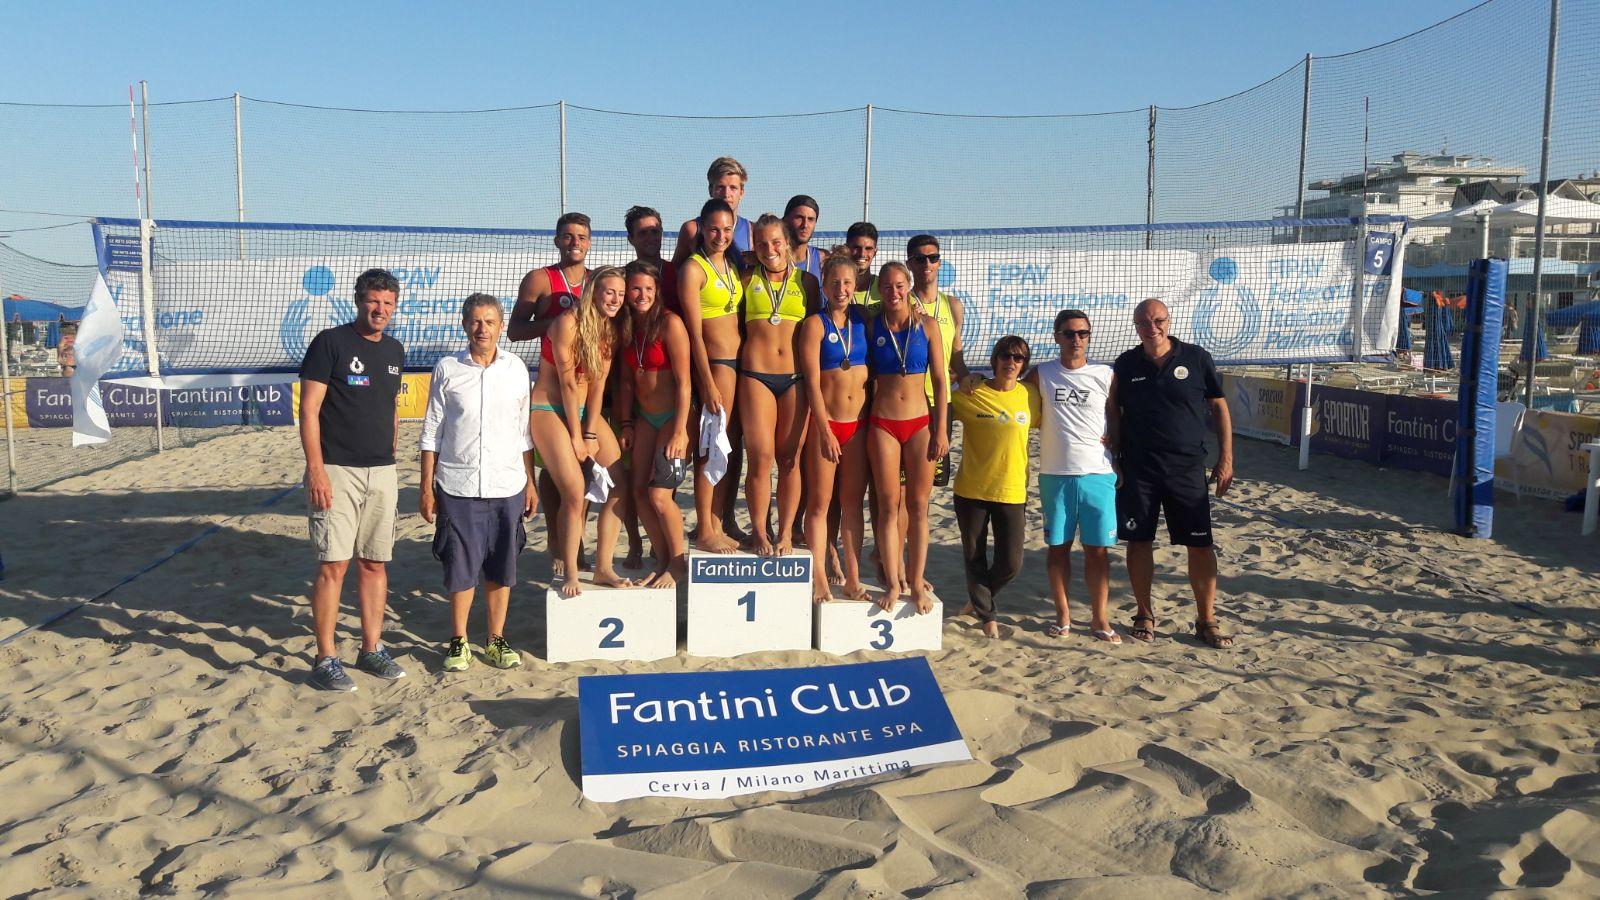 Conclusi i campionati u di beach volley al fantini club